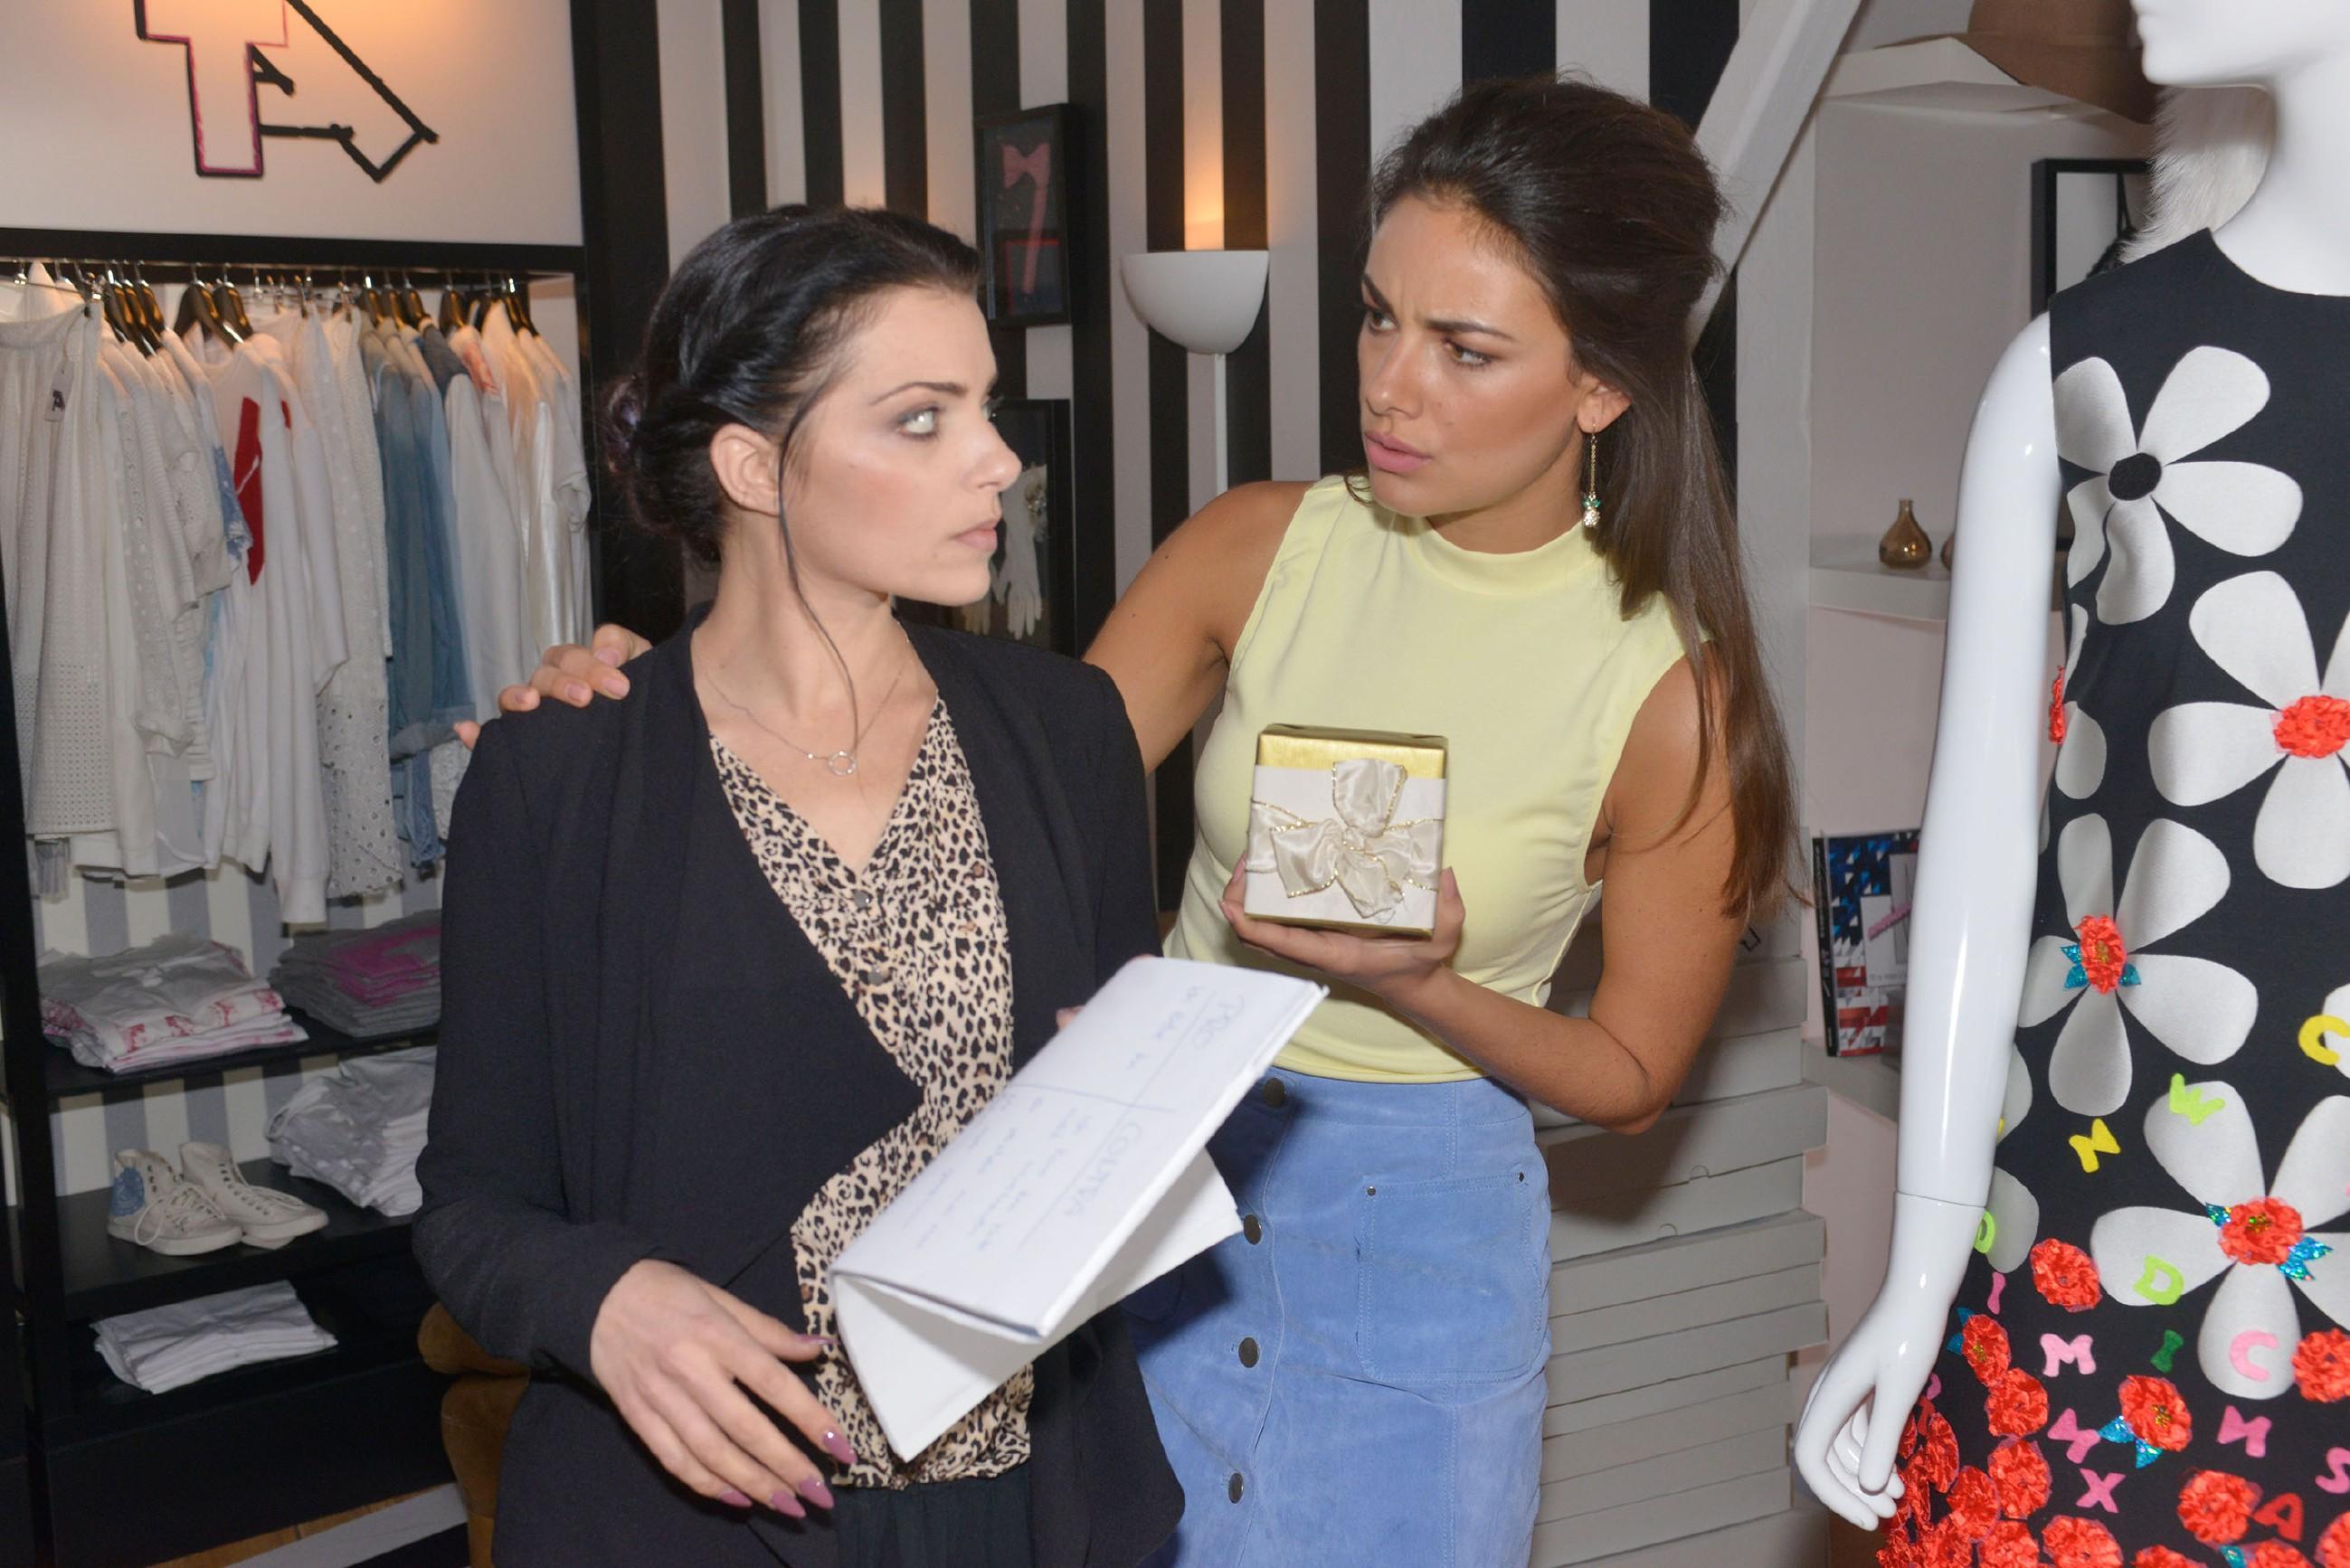 Emily (Anne Menden, l.) lässt ihren Frust wegen Tayfun an Jasmin (Janina Uhse) aus. (Quelle: RTL / Rolf Baumgartner)